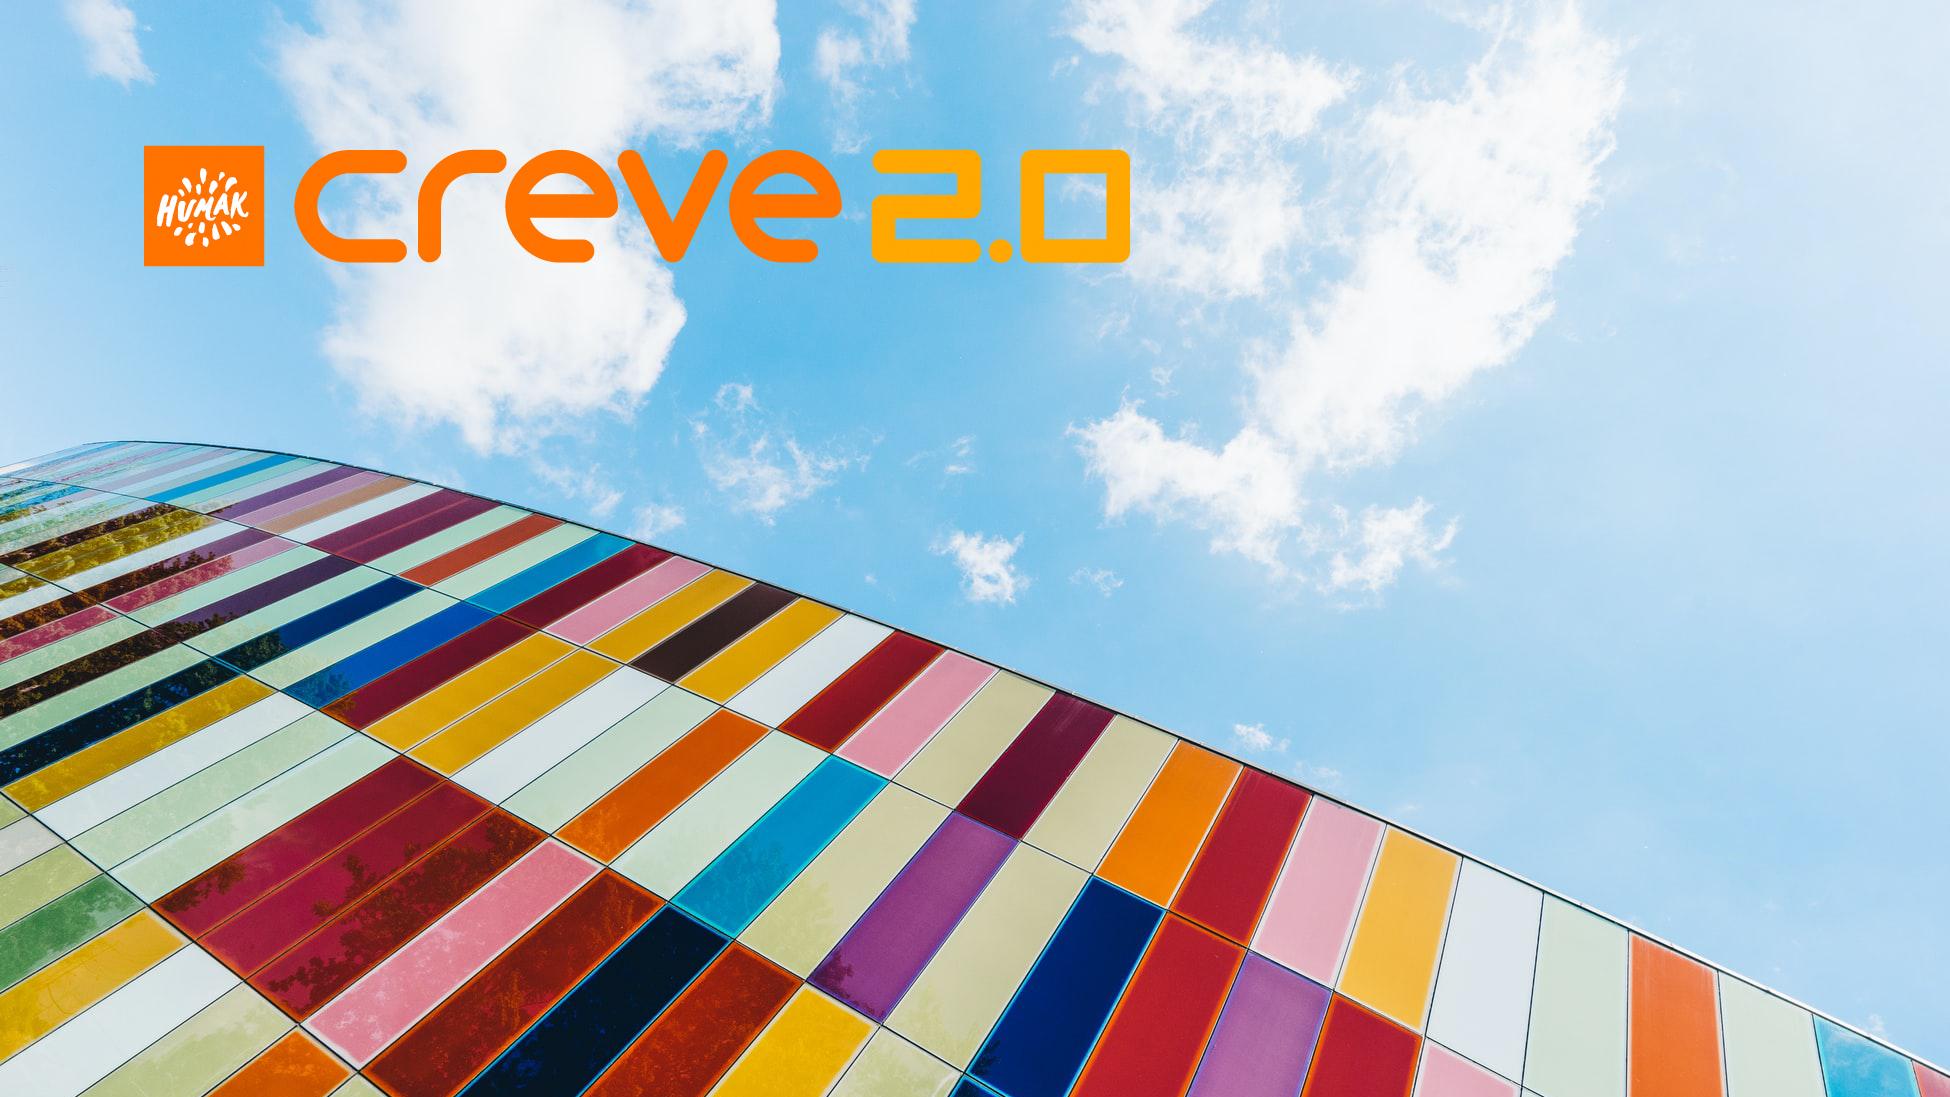 Monenkirjava seinä, jonka yllä taivasta ja Creve 2.0 -hankkeen logo.